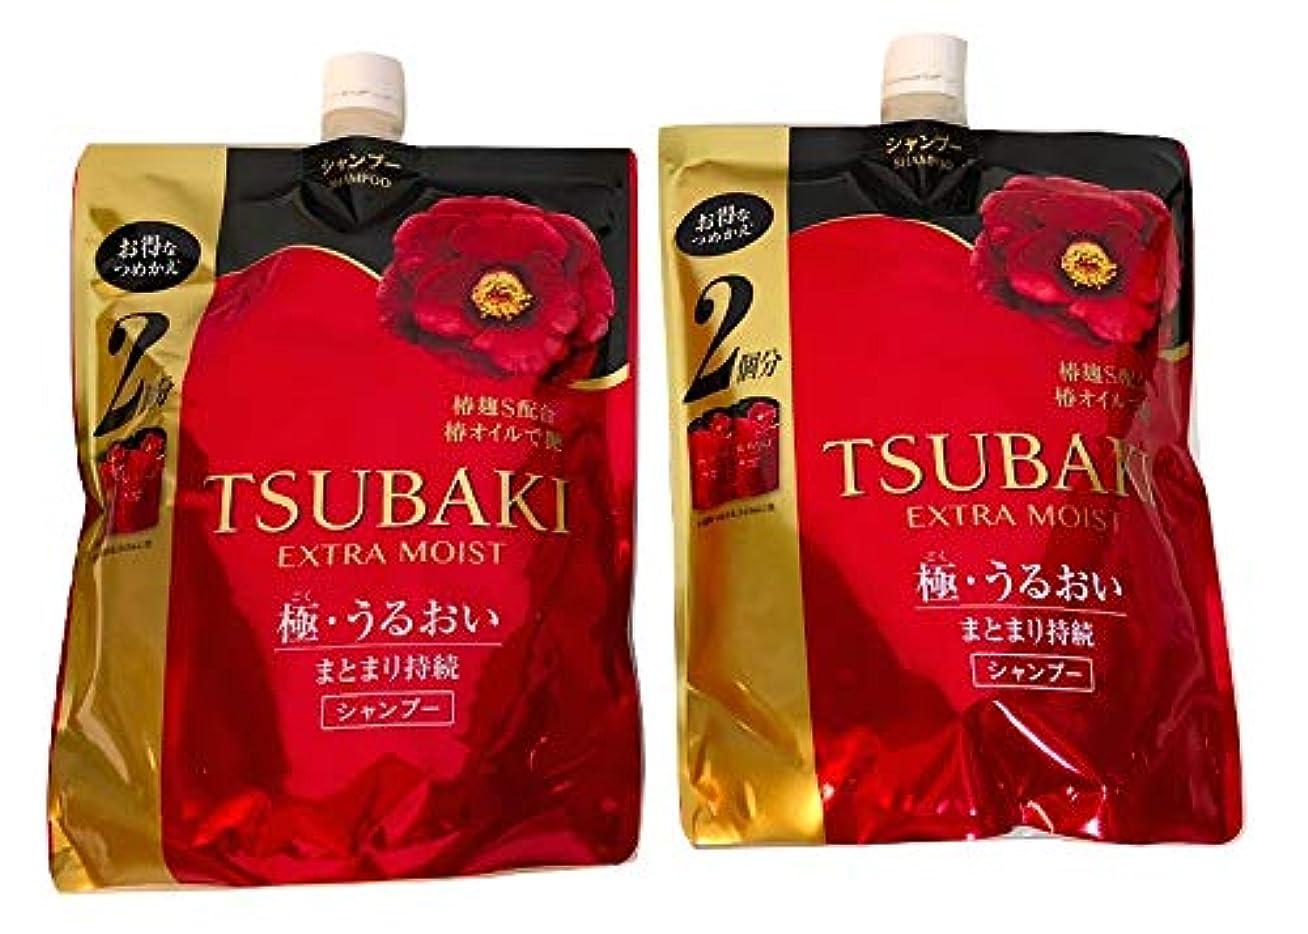 解任保有者フェード【2個セット】TSUBAKI エクストラモイスト シャンプー 詰め替え用 (パサついて広がる髪用) 2倍大容量 690ml